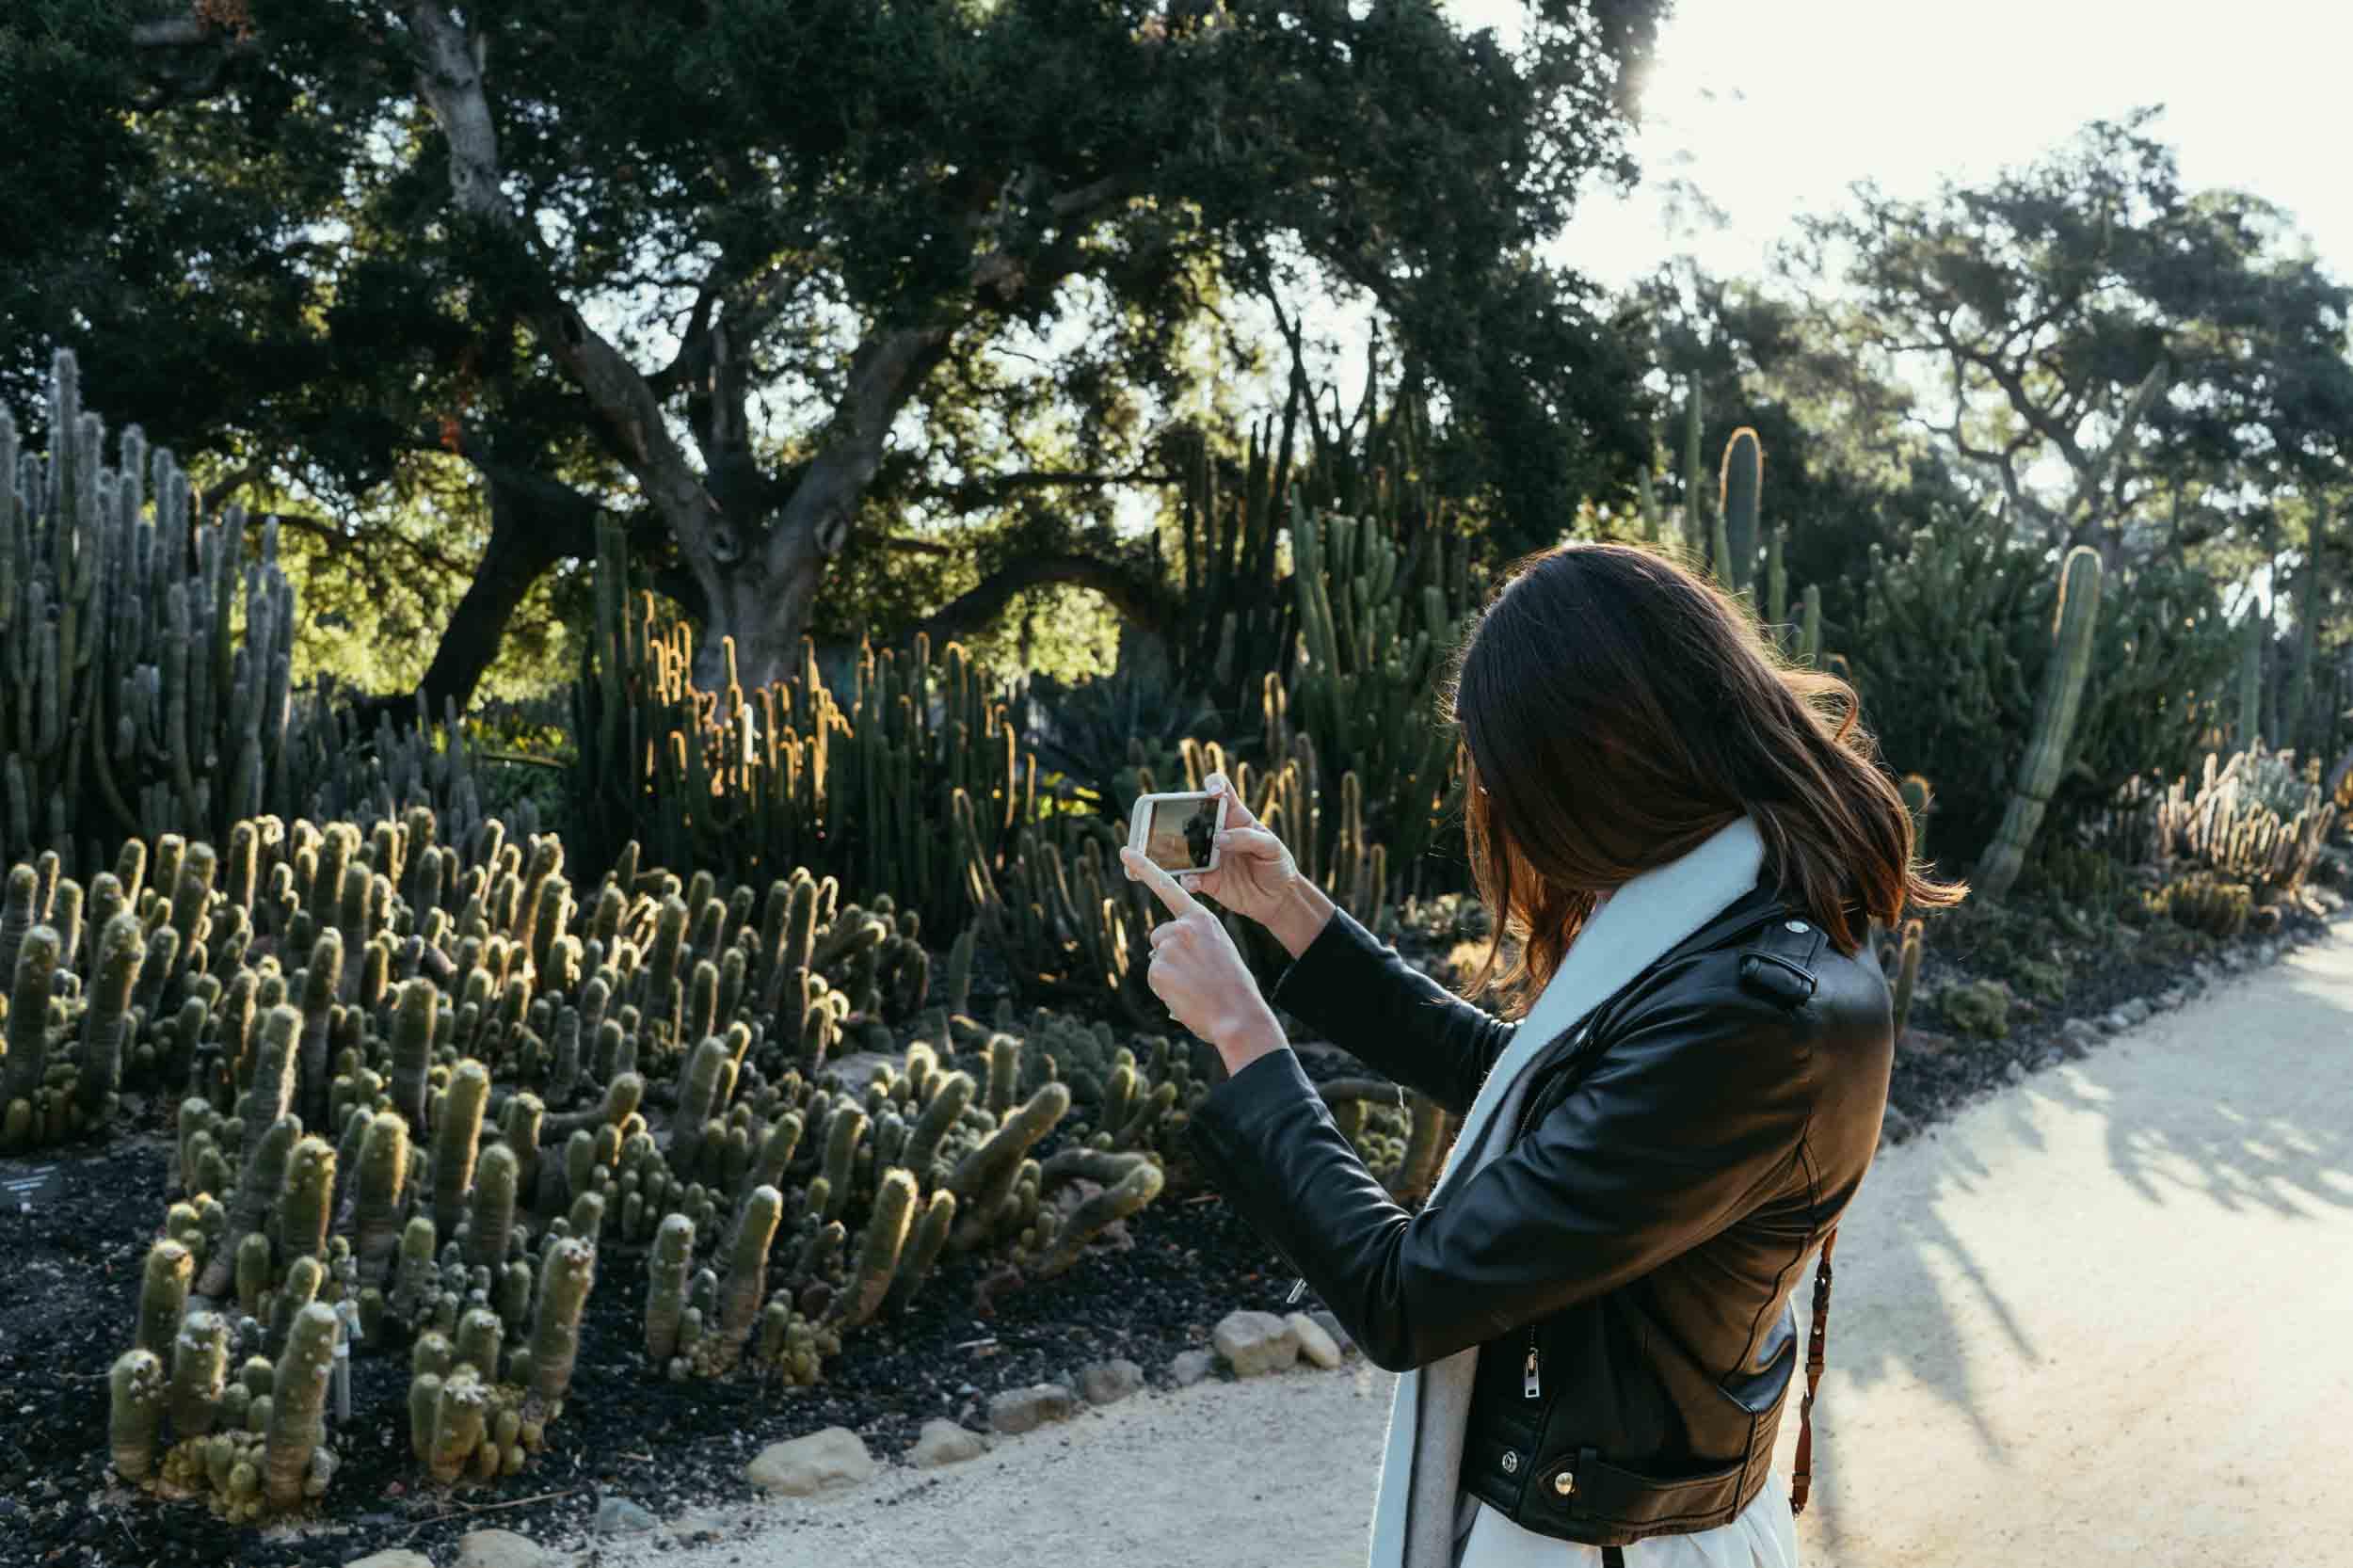 Girls Wallpaper Ideas 10 Instagram Worthy Locations In Sb Visit Santa Barbara